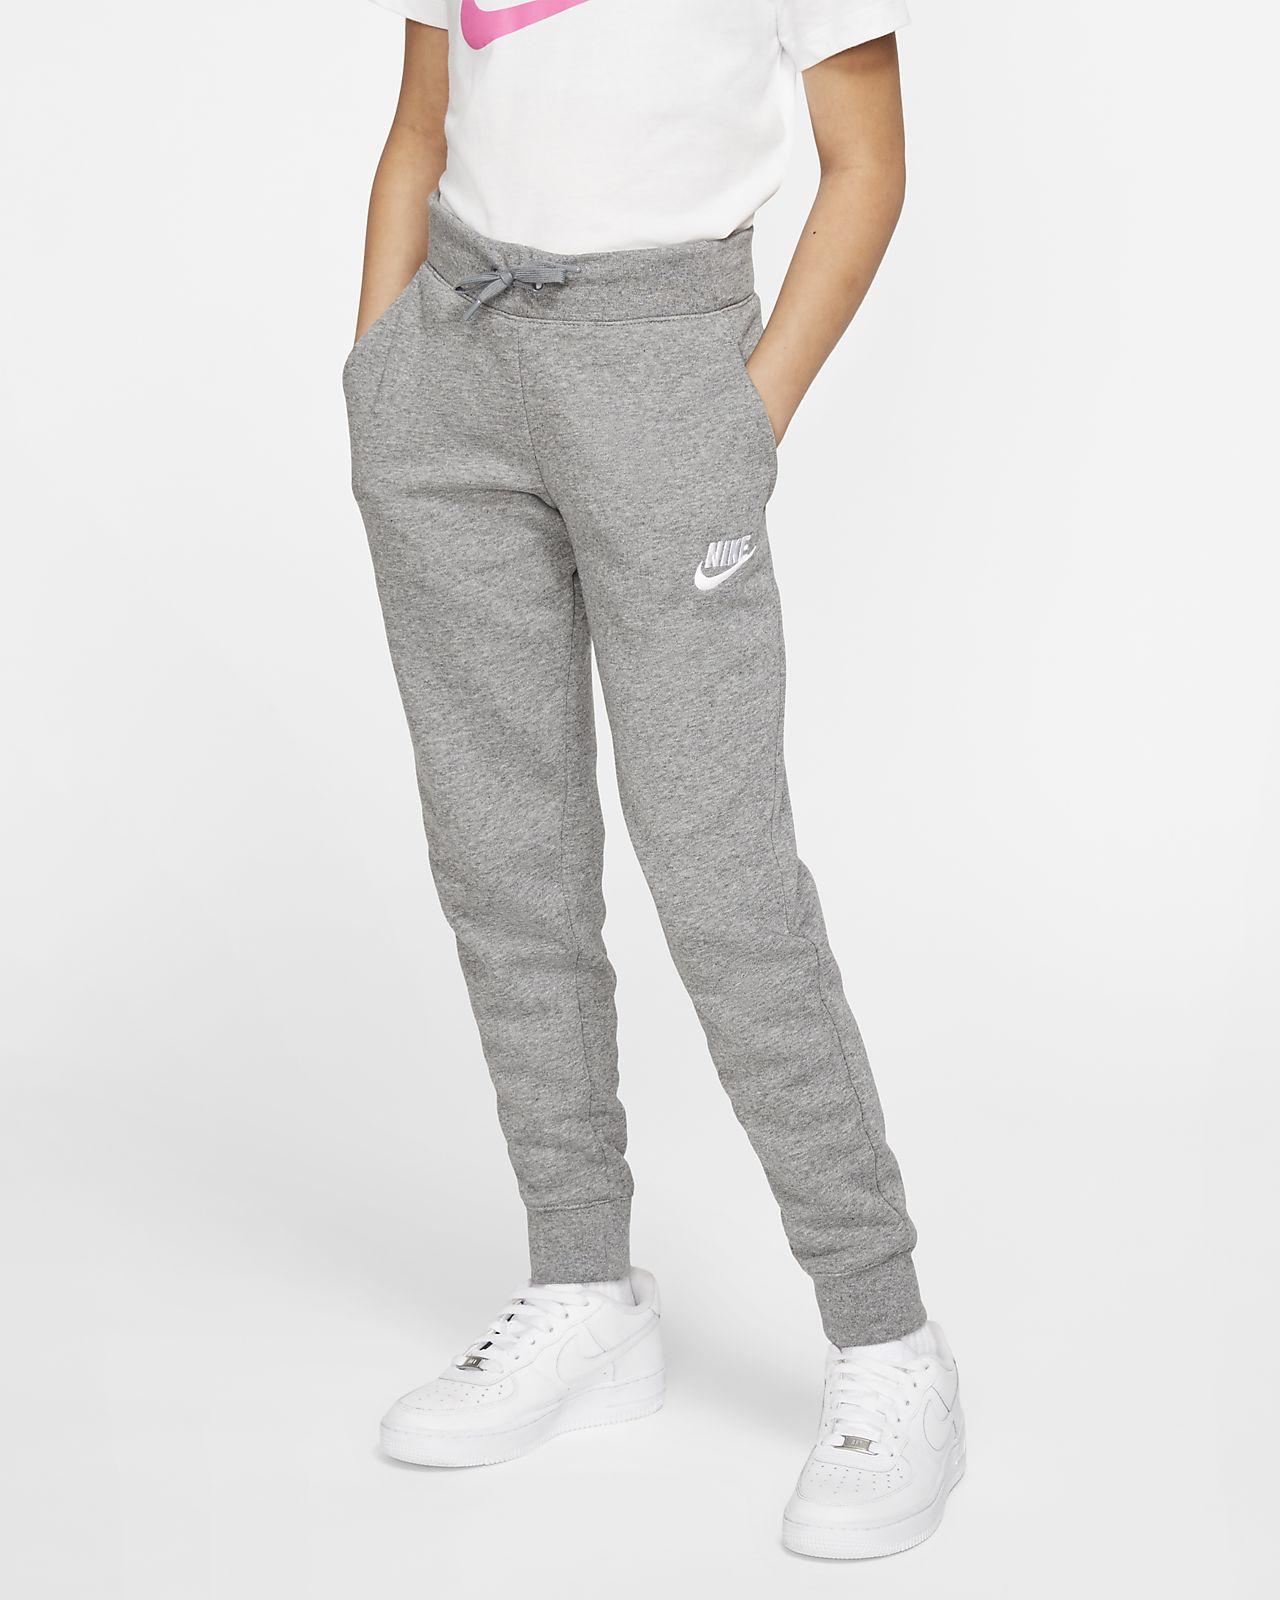 Kalhoty Nike Sportswear pro větší děti (dívky)